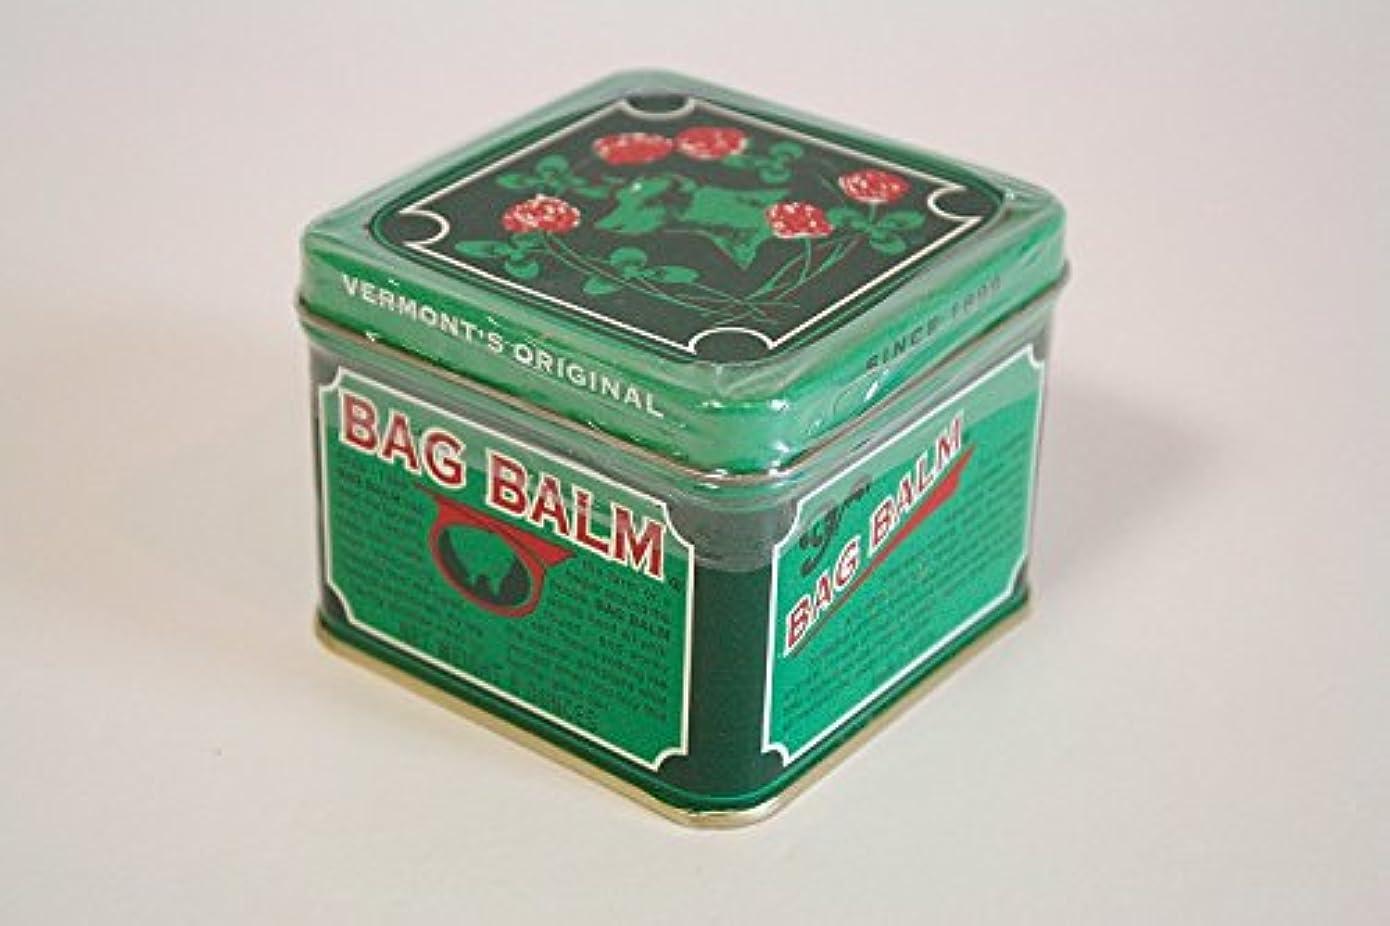 かる前者駅Bag Balm バッグバーム 8oz 保湿クリーム Vermont's Original バーモントオリジナル[並行輸入品]